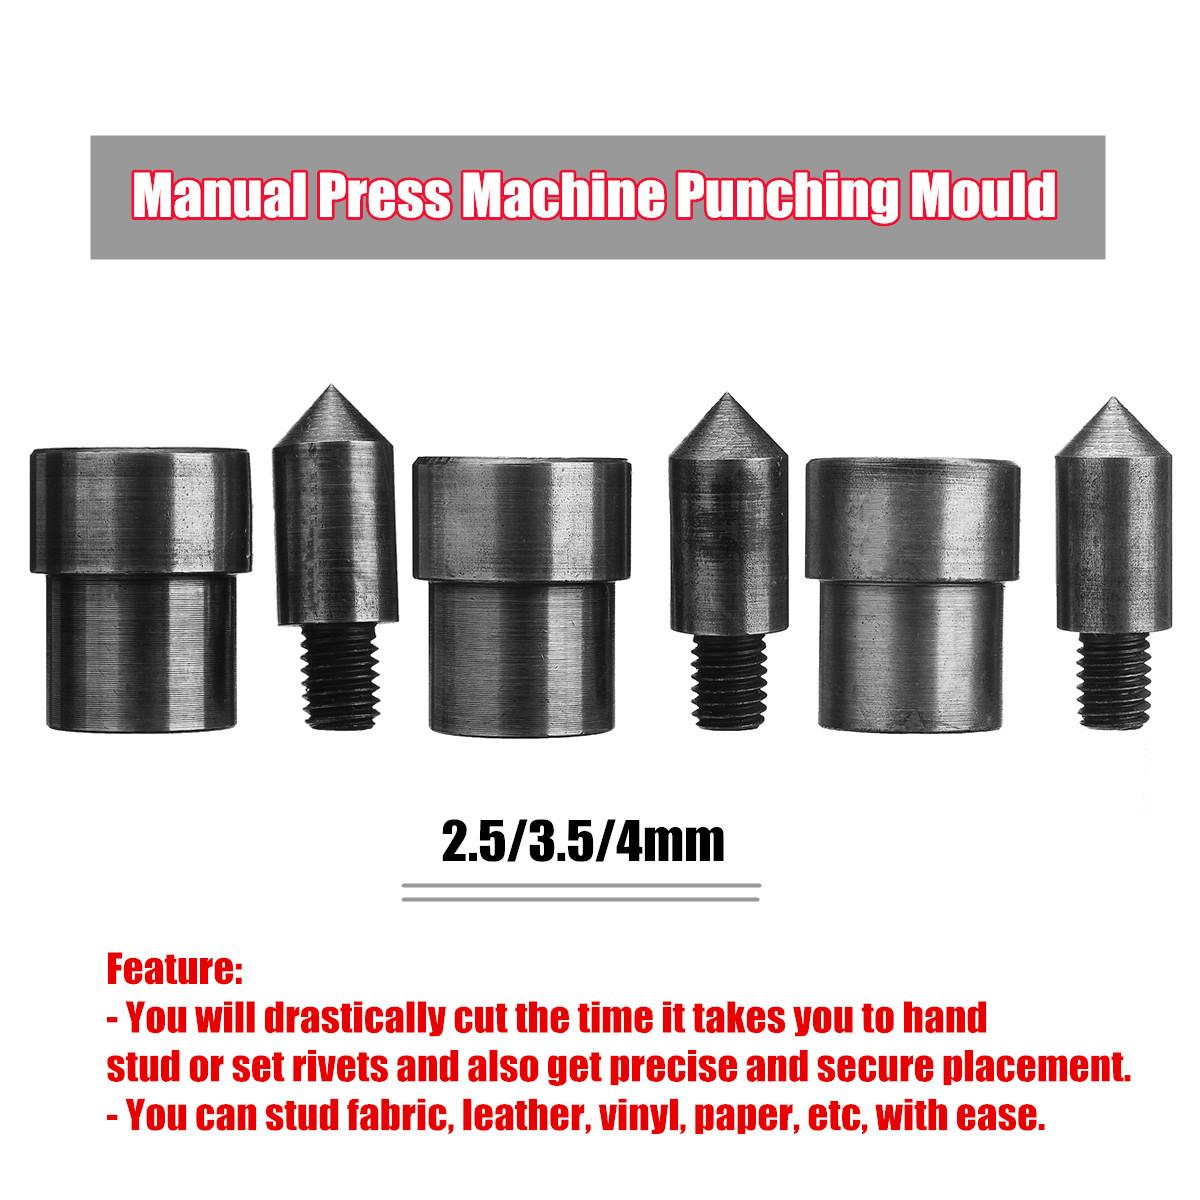 JZK Lourd Devoir 5mm perforateur monotrou et Pince /à Riveter /à oeillet Ensemble avec 200 Rivets en Argent pour Papier Carton Ceinture en Cuir Tissu Mince en Plastique Goujon en m/étal poin/çon kit